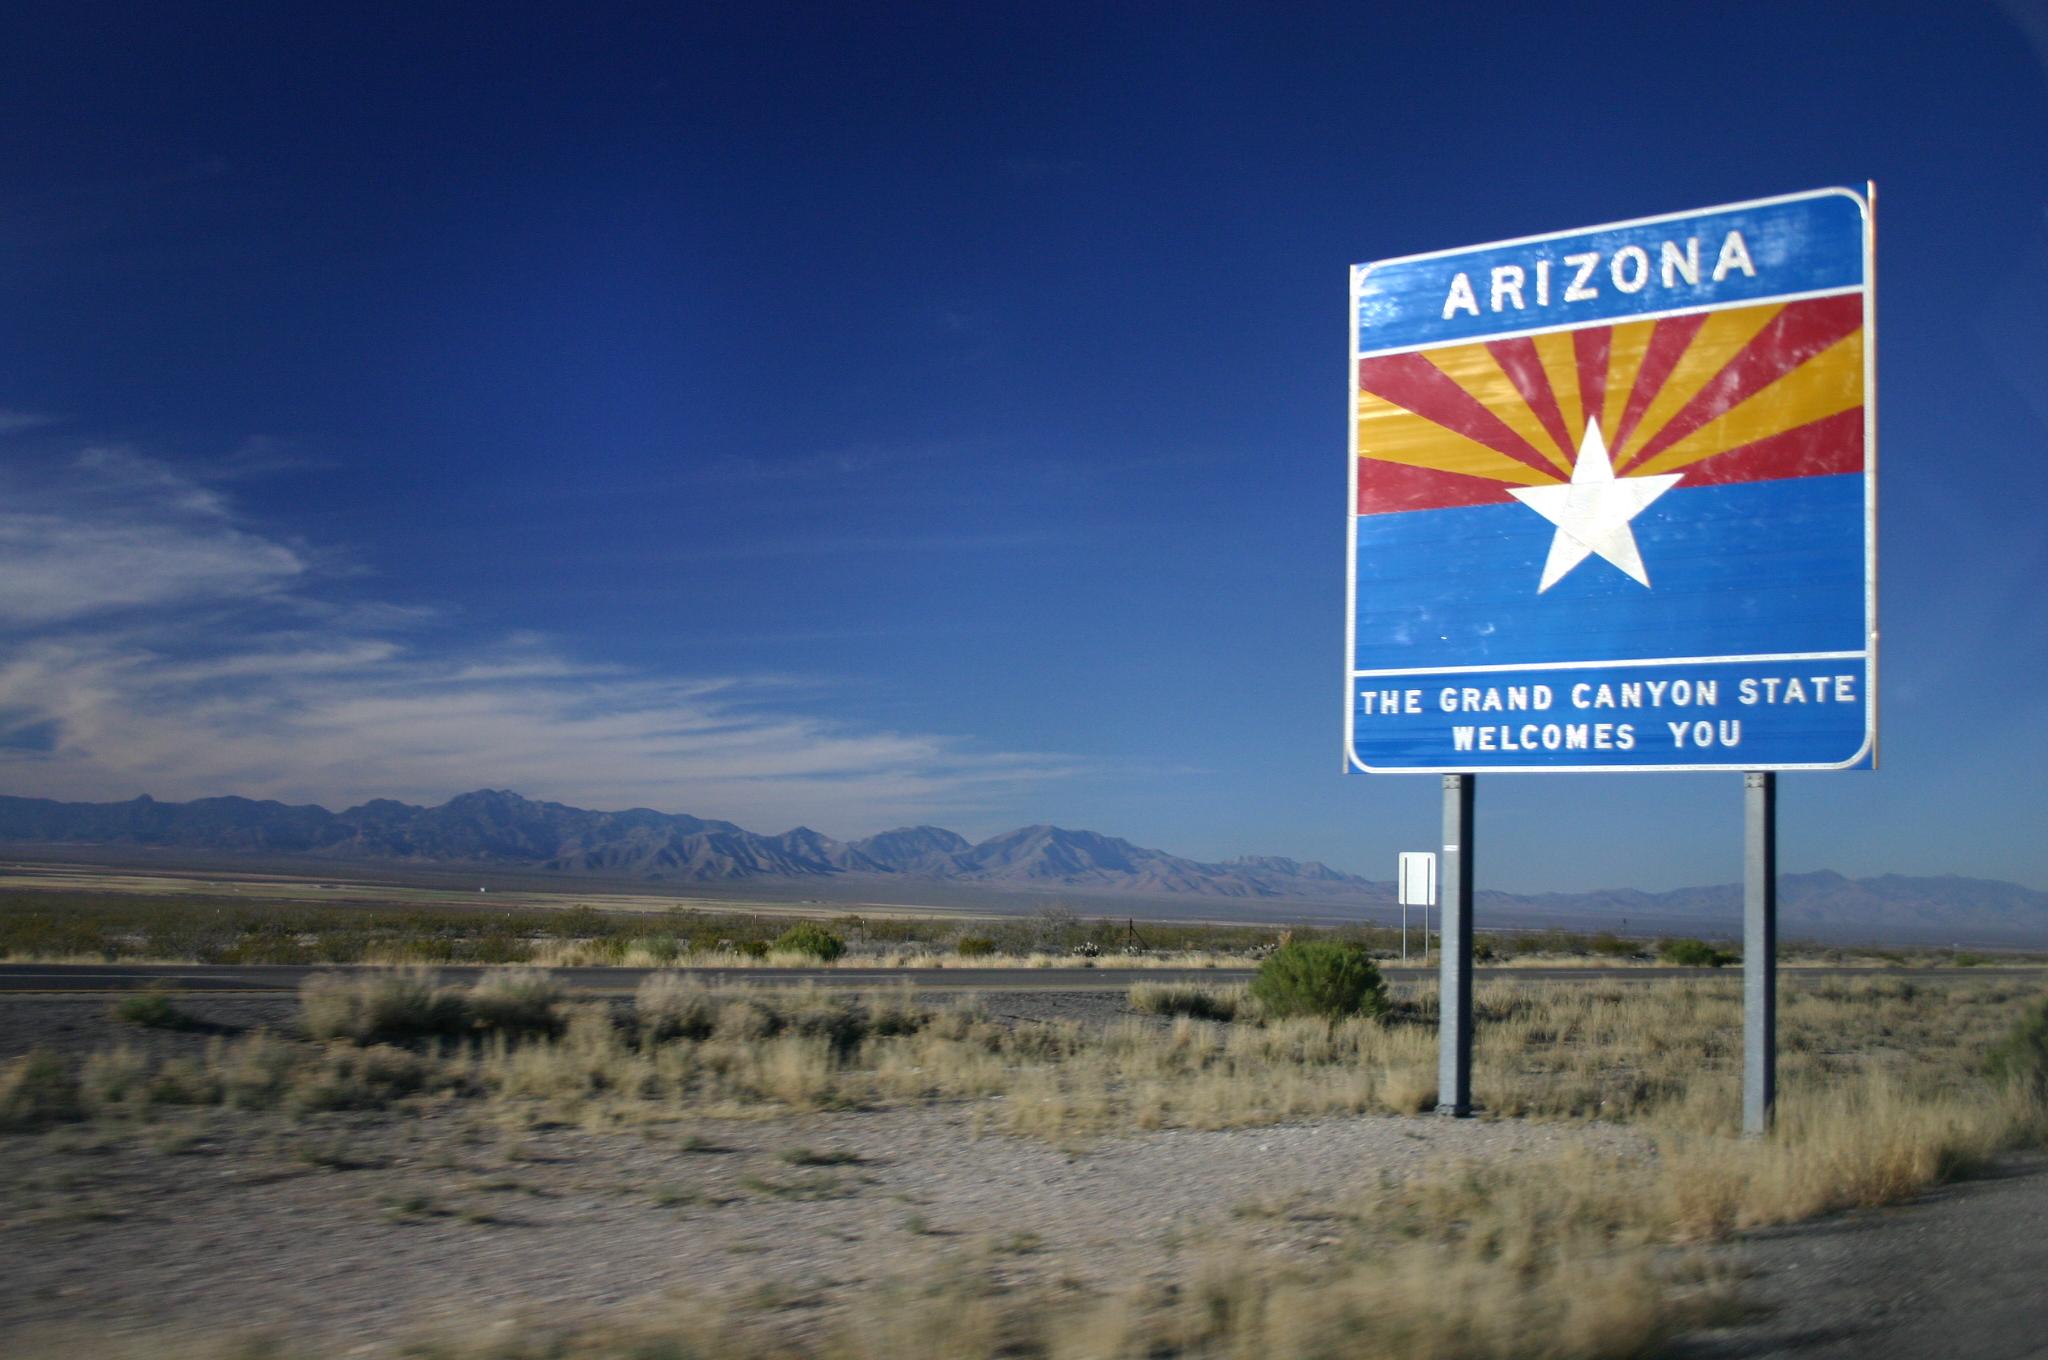 Власти Аризоны собираются пересмотреть законопроект о блокчейн